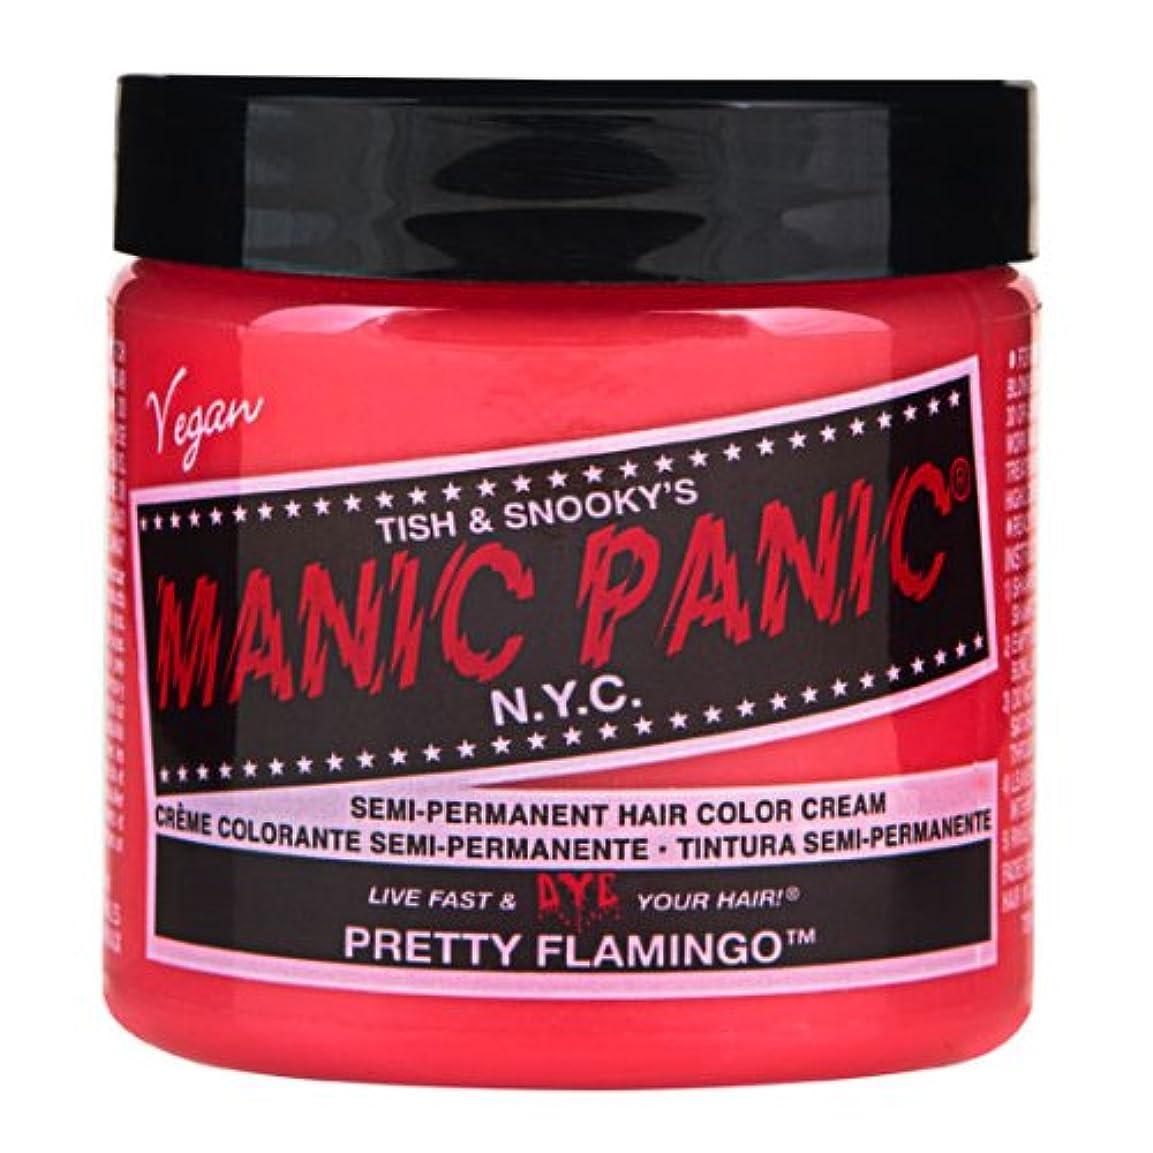 ビタミンパーク計算可能スペシャルセットMANIC PANICマニックパニック:Pretty Flamingo (プリティーフラミンゴ)+ヘアカラーケア4点セット